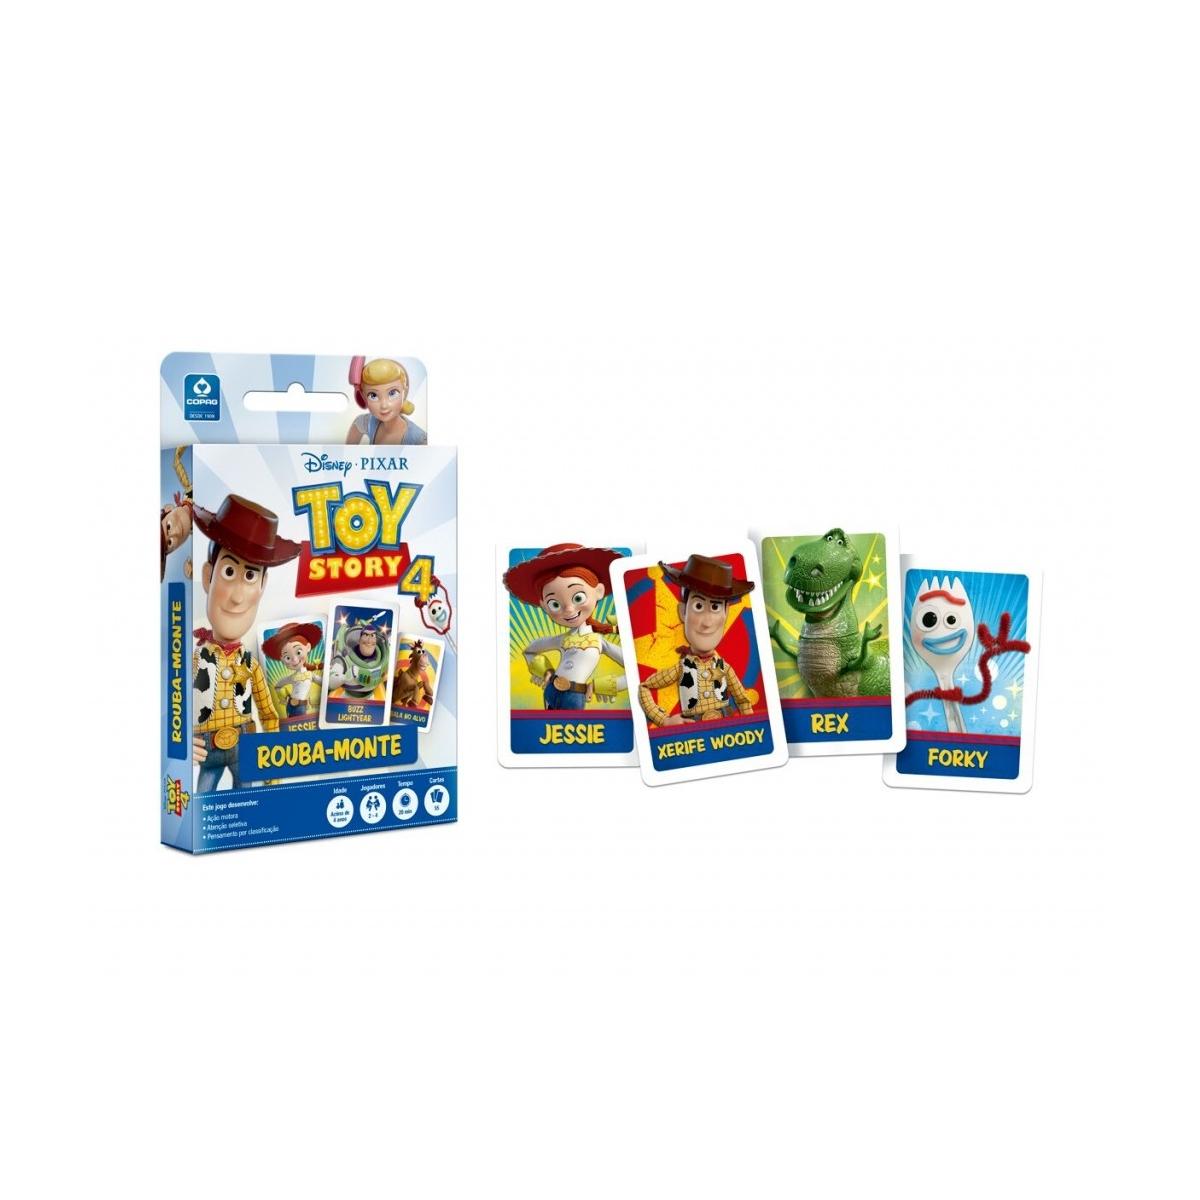 jogo-de-cartas-toy-story-4-rouba-monte-copag-imagem-2.jpg